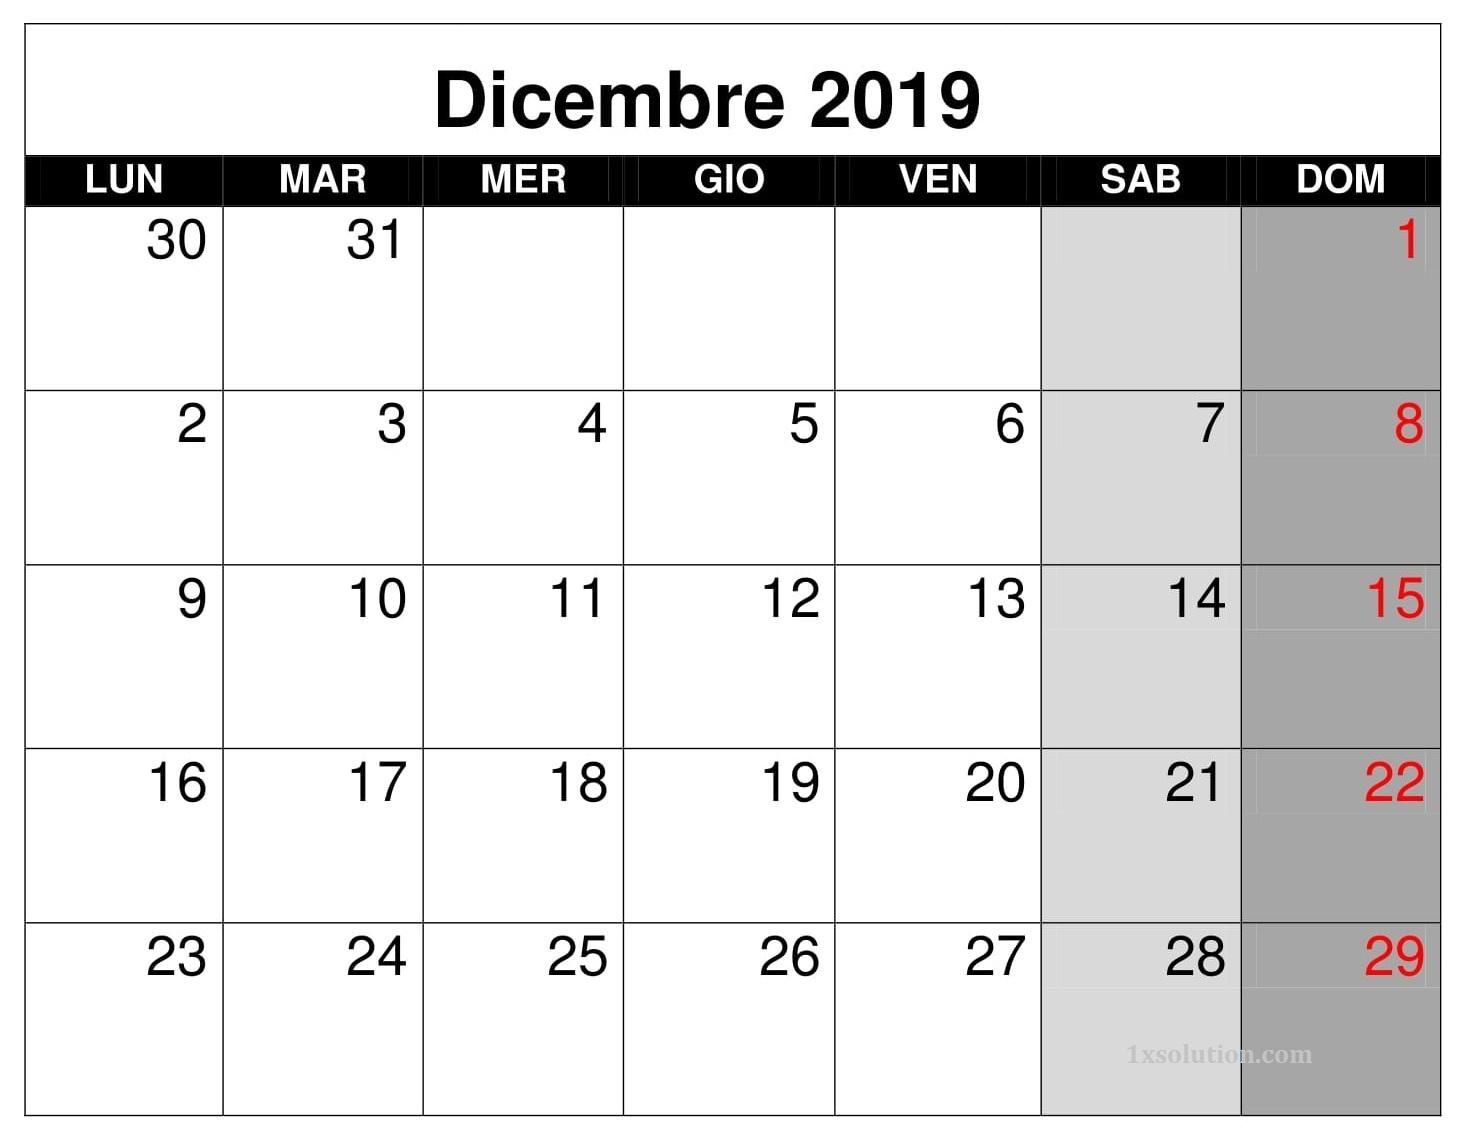 Calendario Dicembre 2019 Word